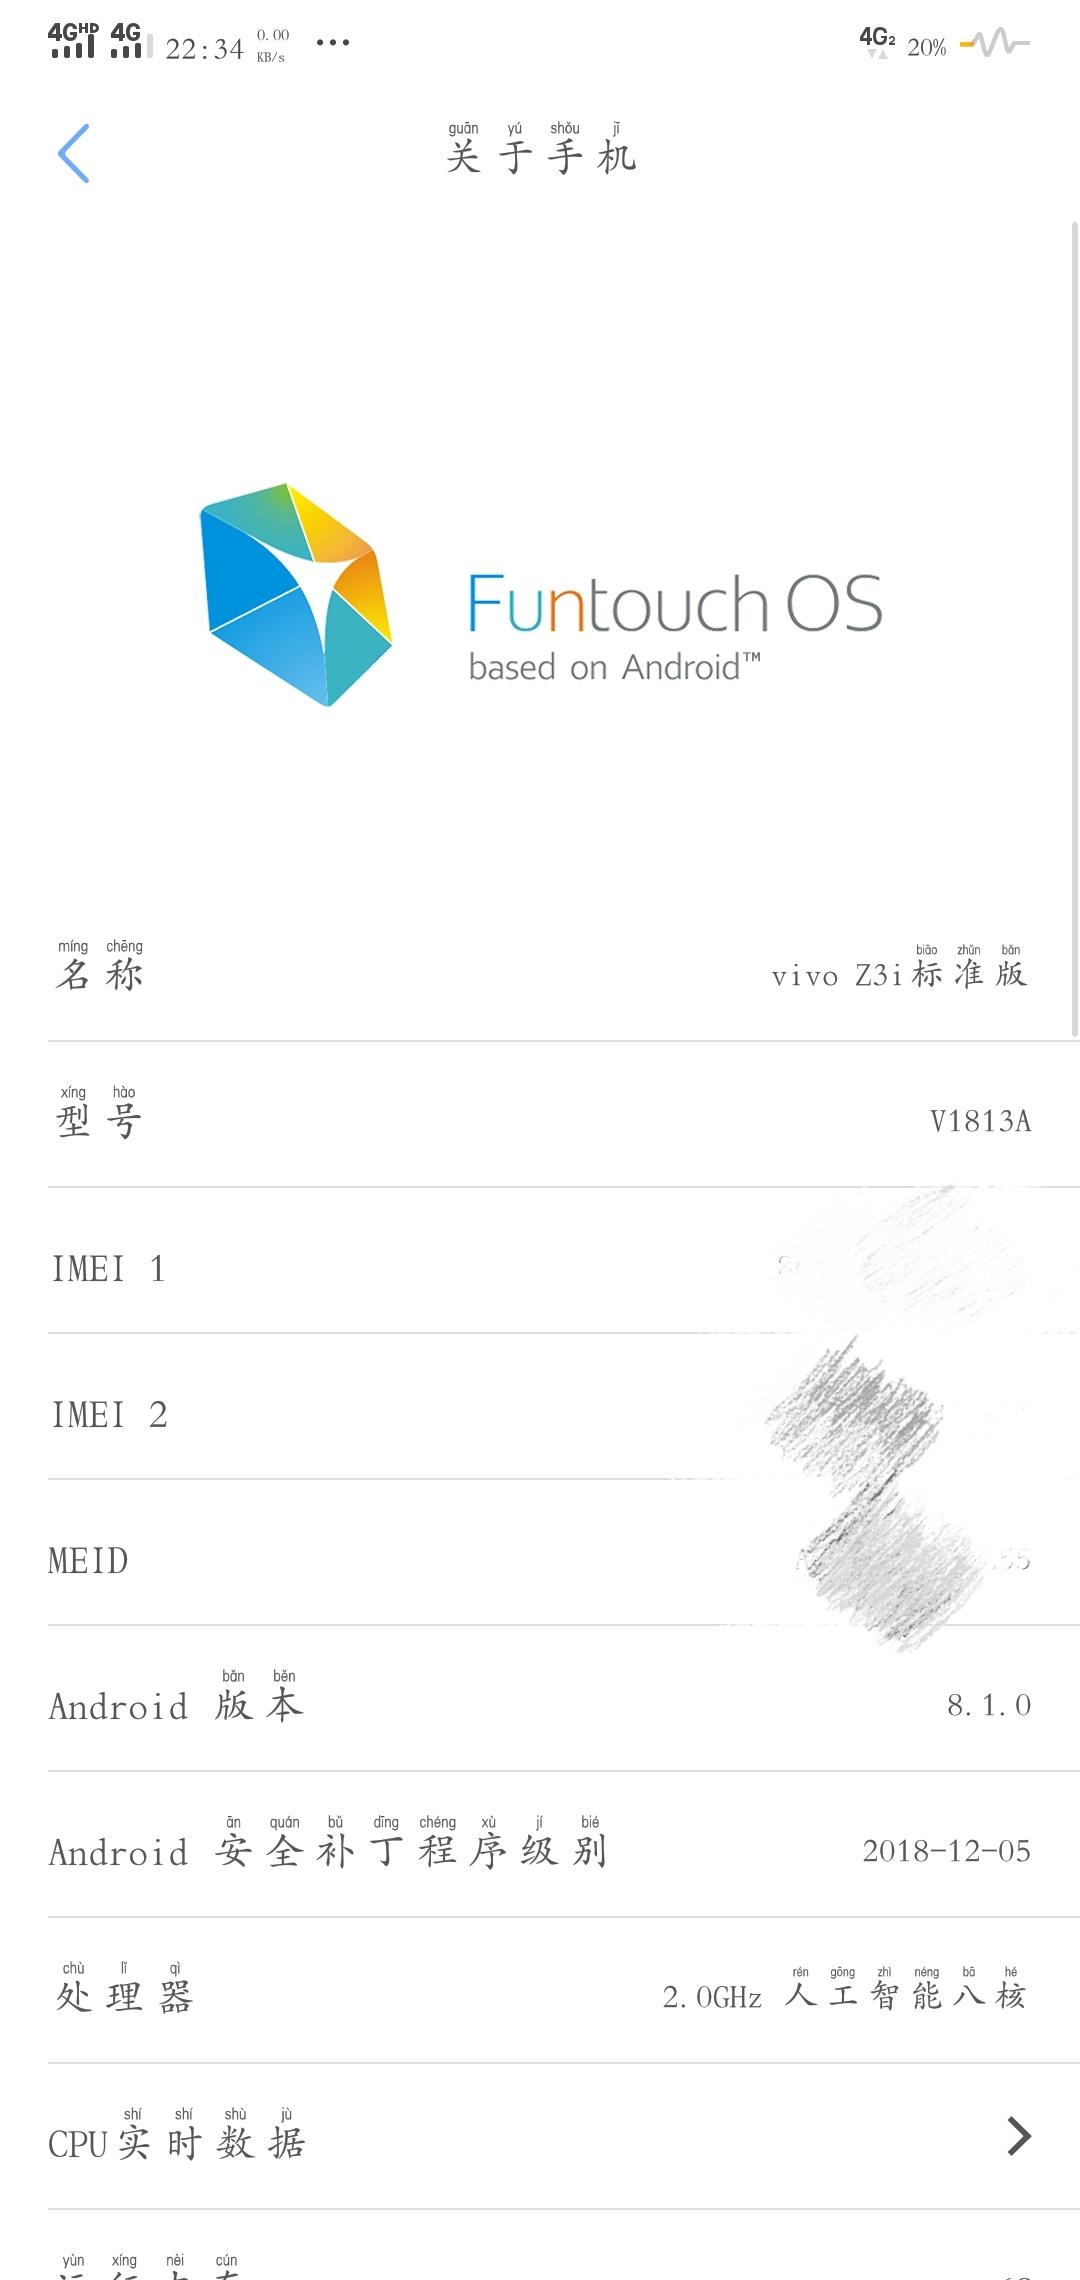 【求助】求vivoZ3i最好的代码-100tui.cn